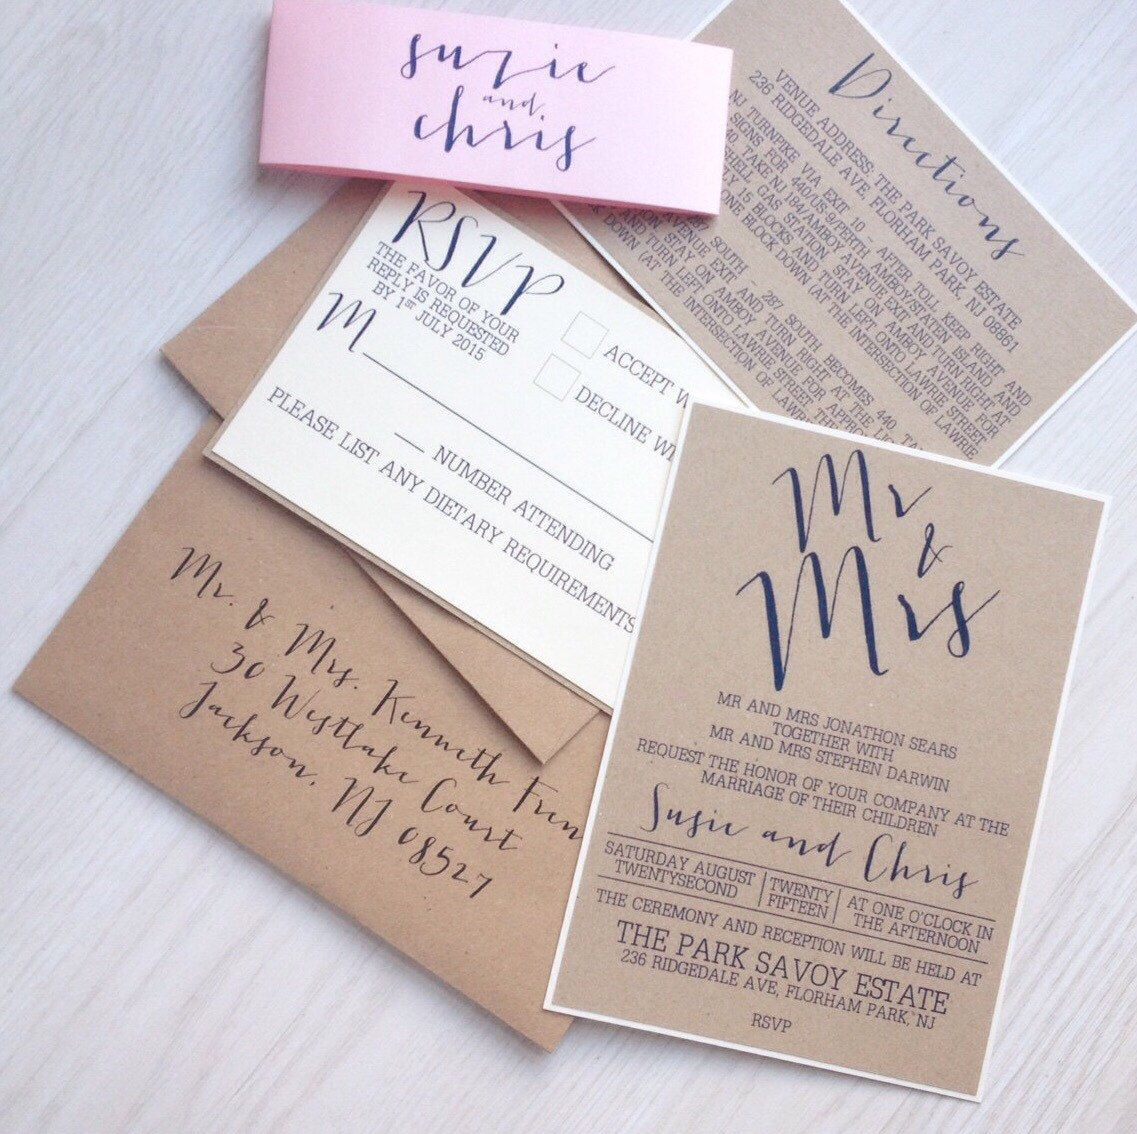 Kraft wedding invitation - blush and navy by Creationery on Etsy ...